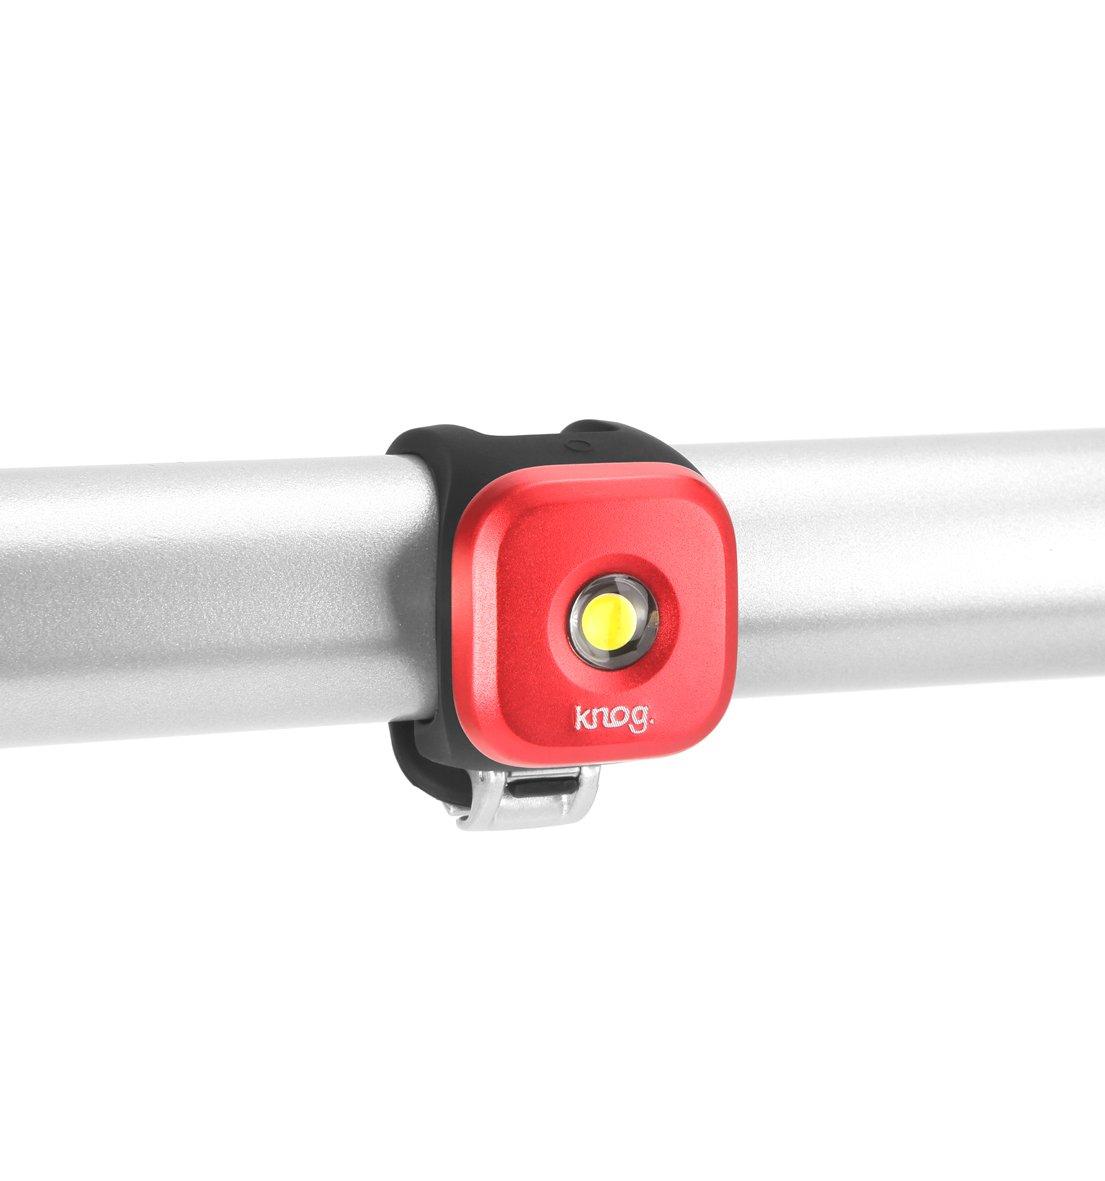 Knog Lampe Blinder 1 weiße LED Licht, Standard